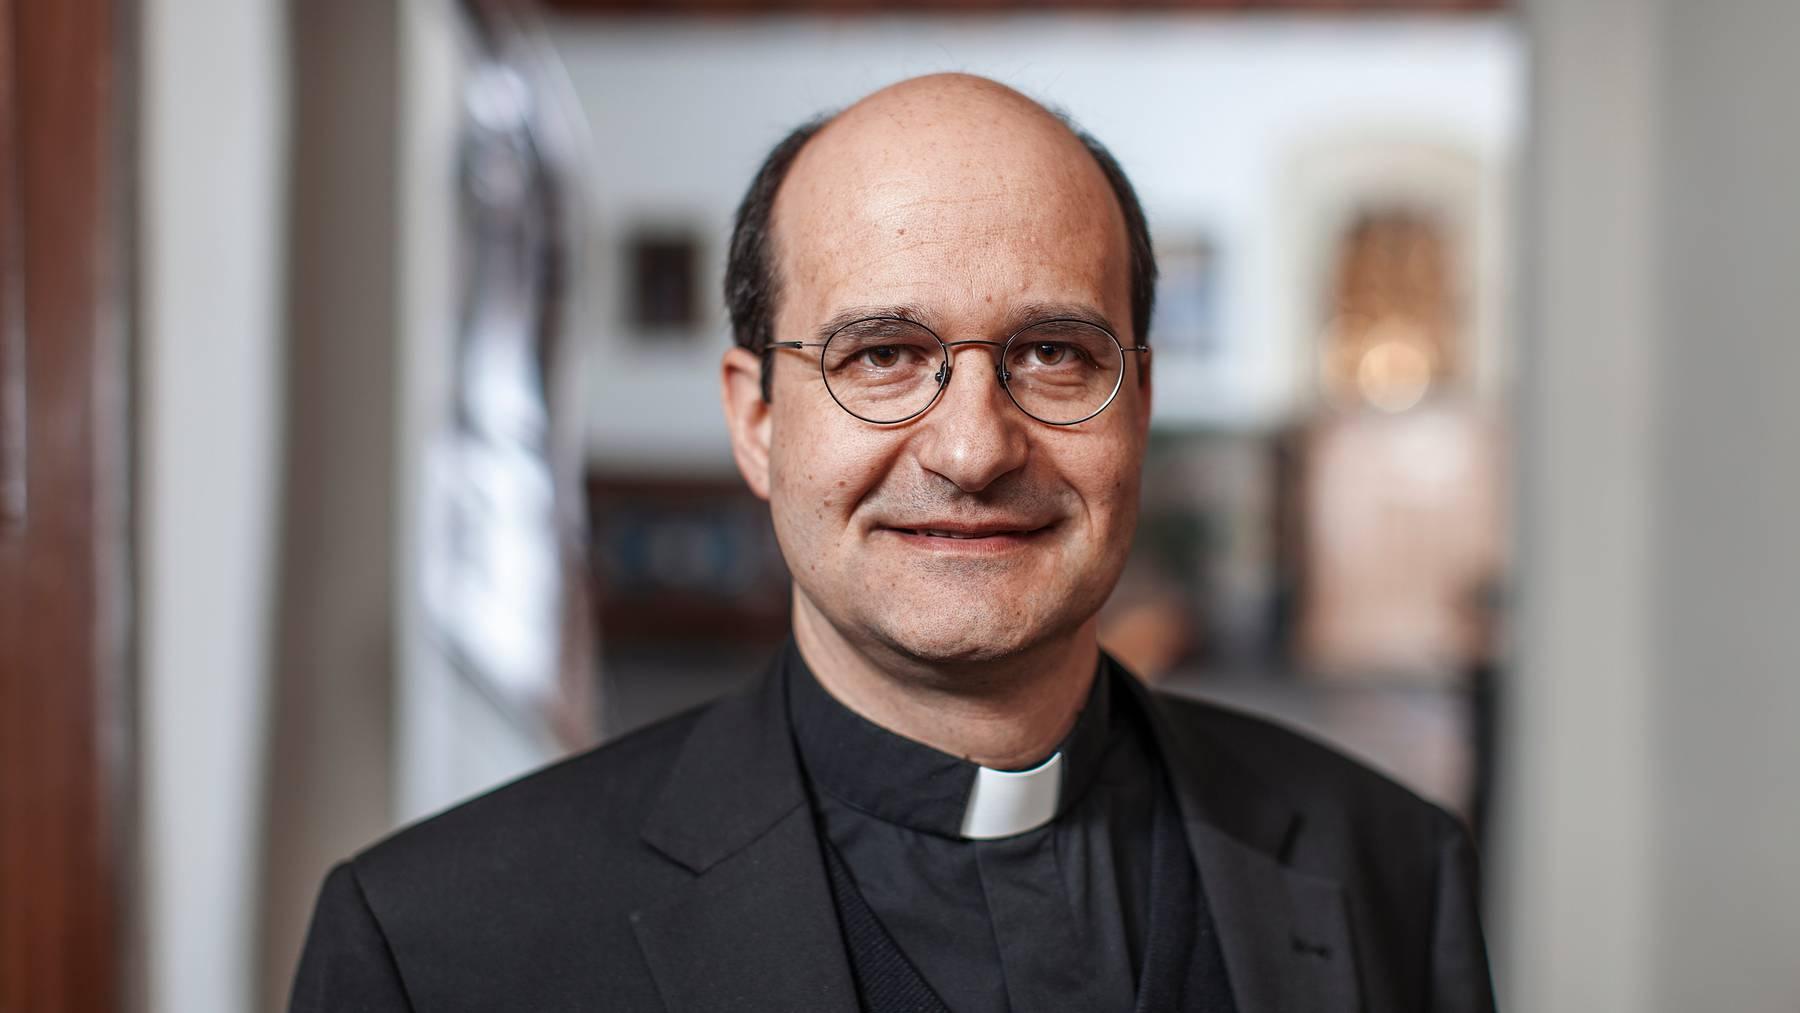 Zum Rücktritt aufgefordert: Martin Grichting, Generalvikar des Bistums Chur, ist für die Zürcher untragbar geworden.